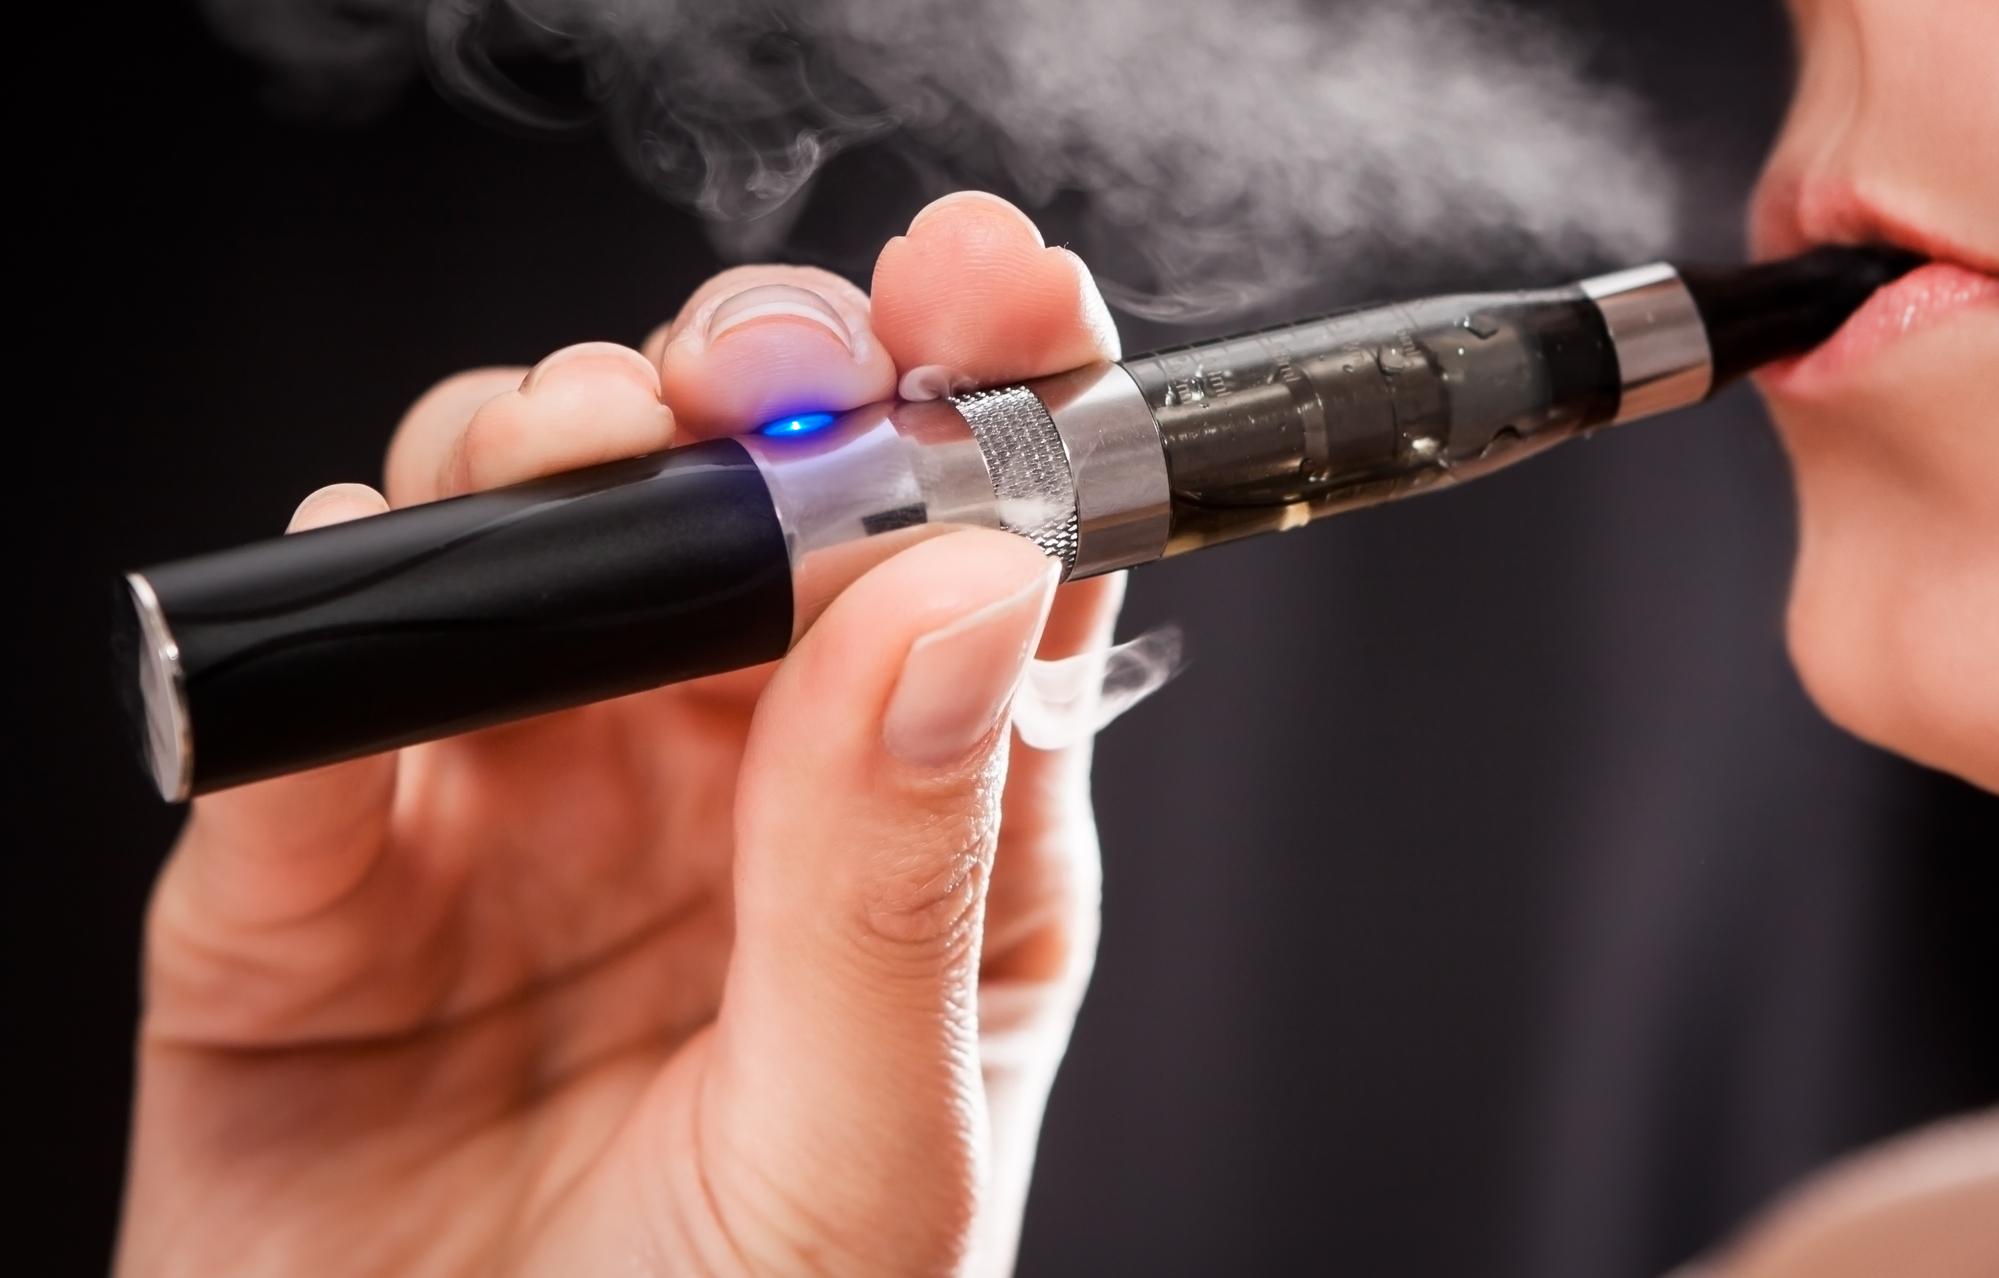 Помогают ли электронные сигареты бросить курить? Пока даже Кокрейн неможет однозначно ответить наэтот вопрос.